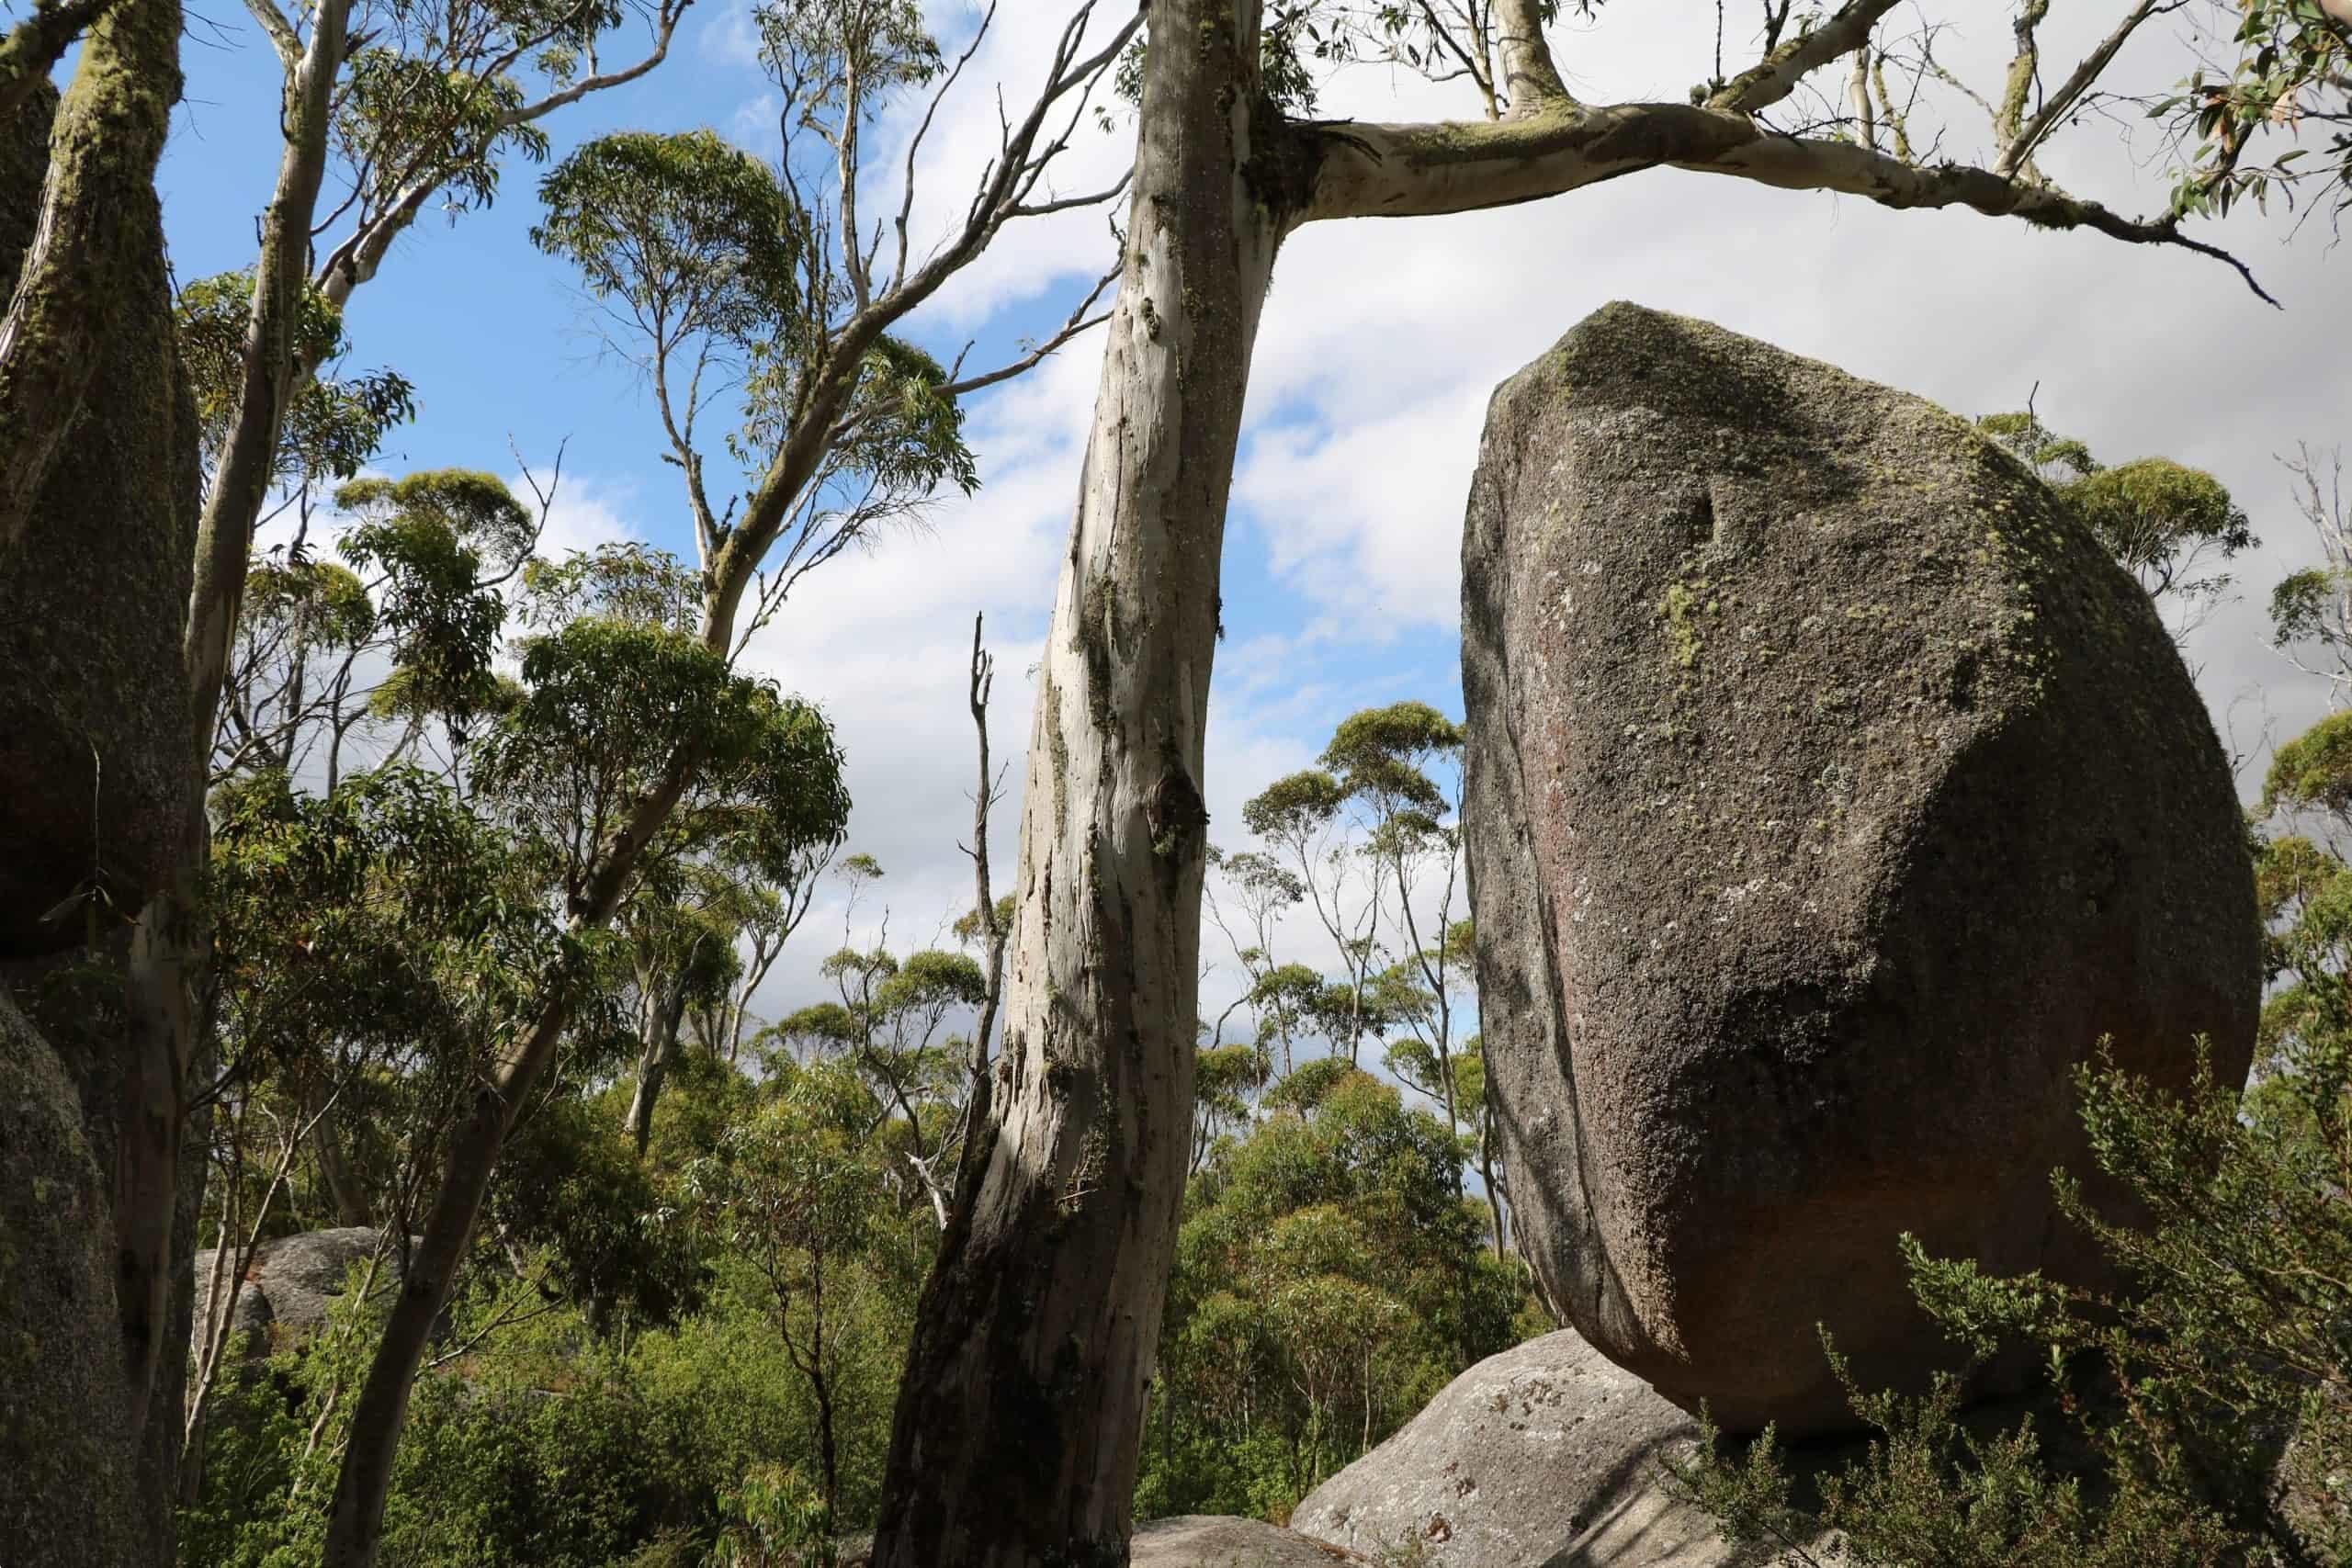 Granite boulders in Porongurup National Park.